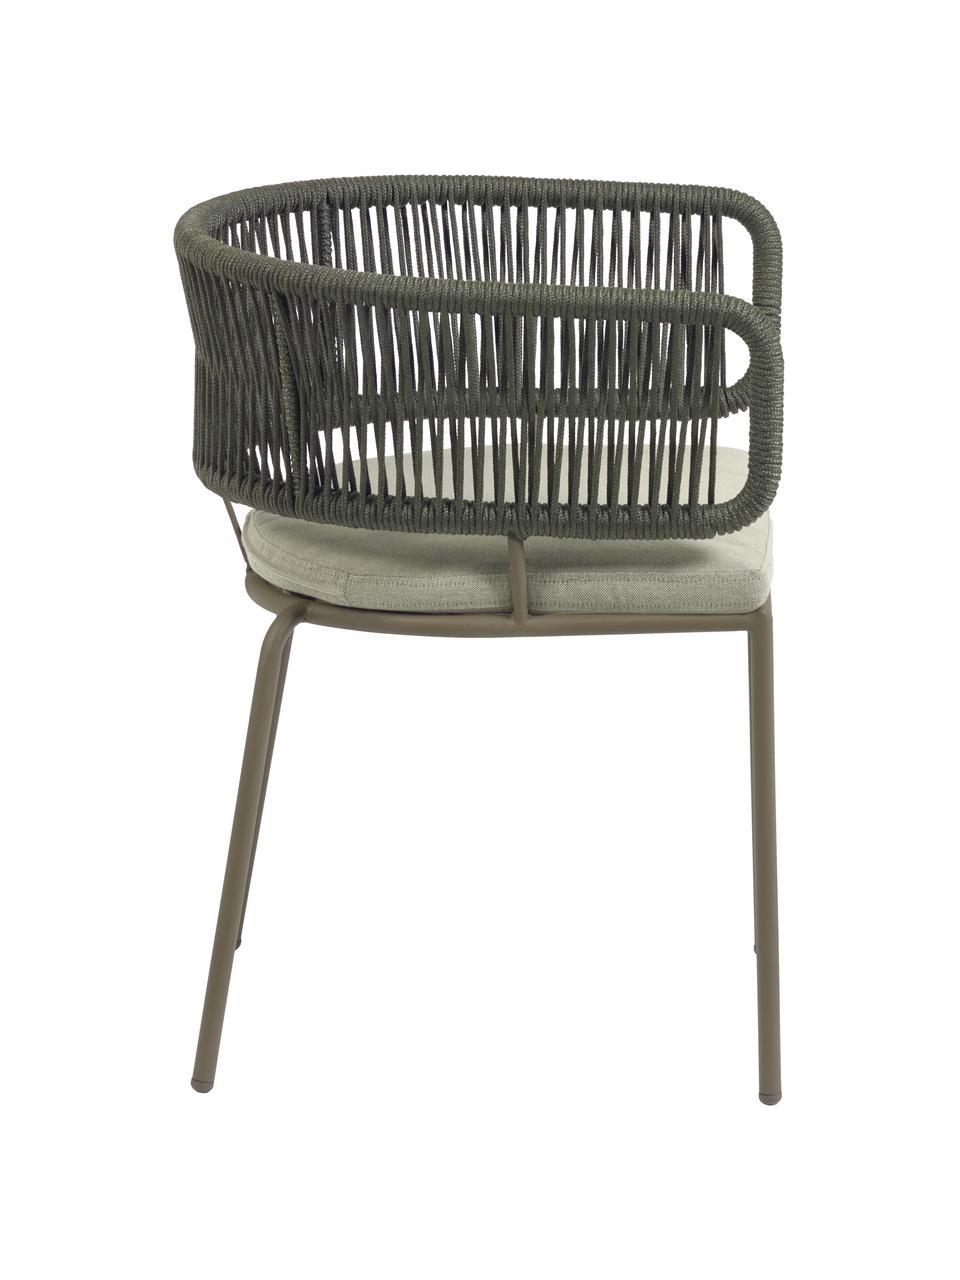 Krzesło ogrodowe Nadin, Stelaż: metal ocynkowany i lakier, Tapicerka: poliester, Zielony, S 58 x G 48 cm